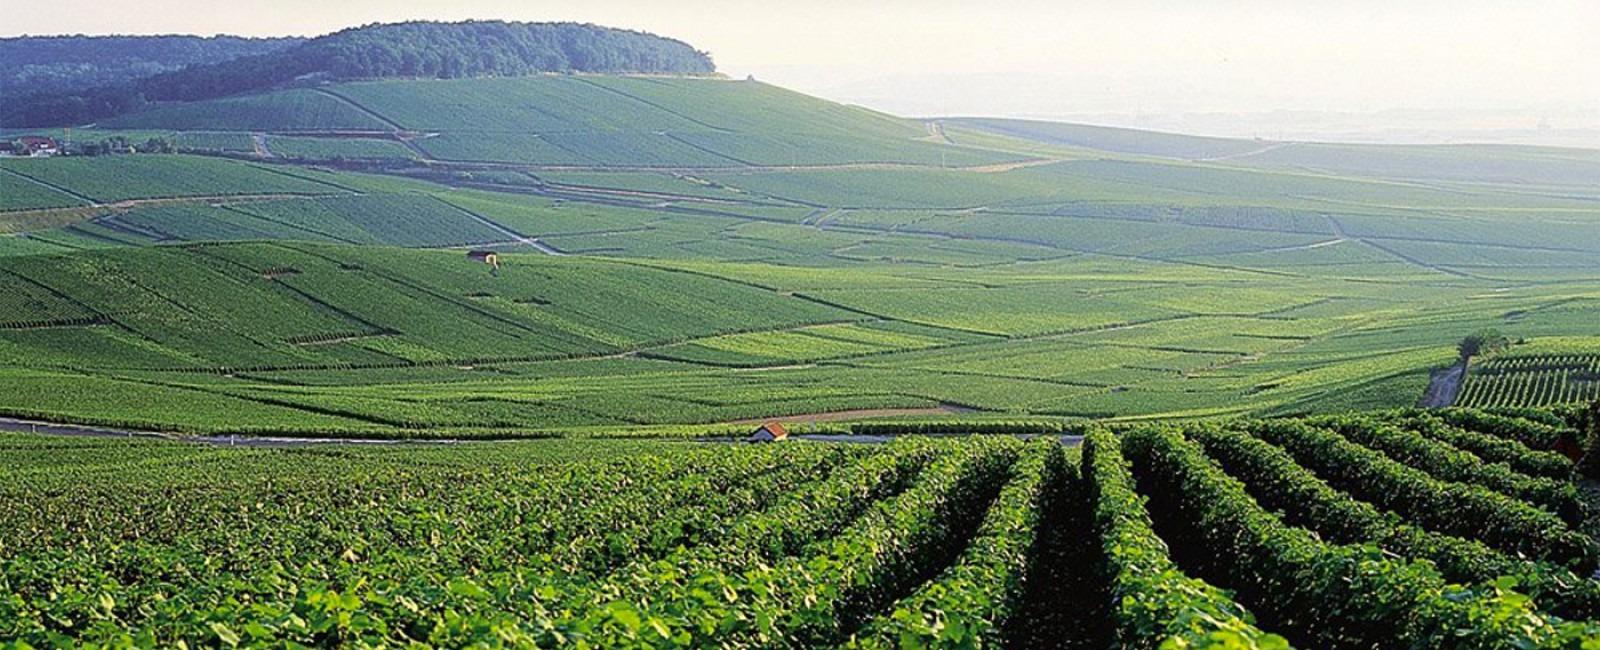 finest vineyards